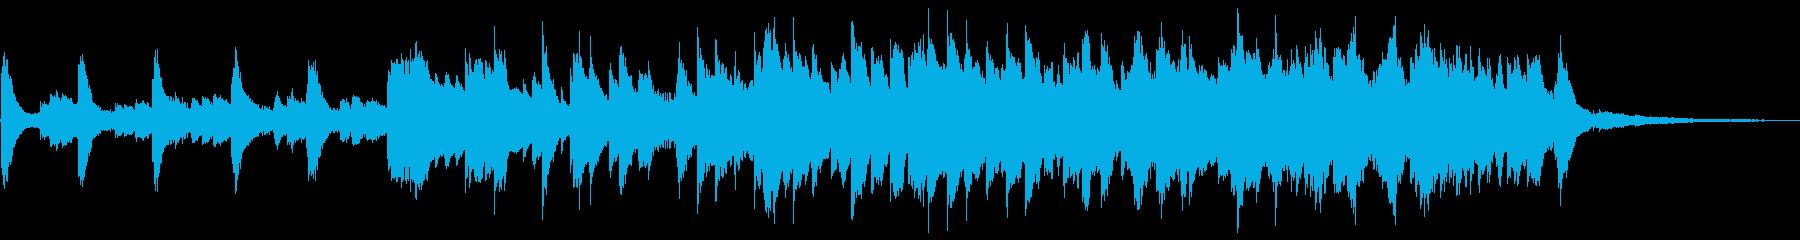 癒し・睡眠導入・ソルフェジオ使用・ピアノの再生済みの波形